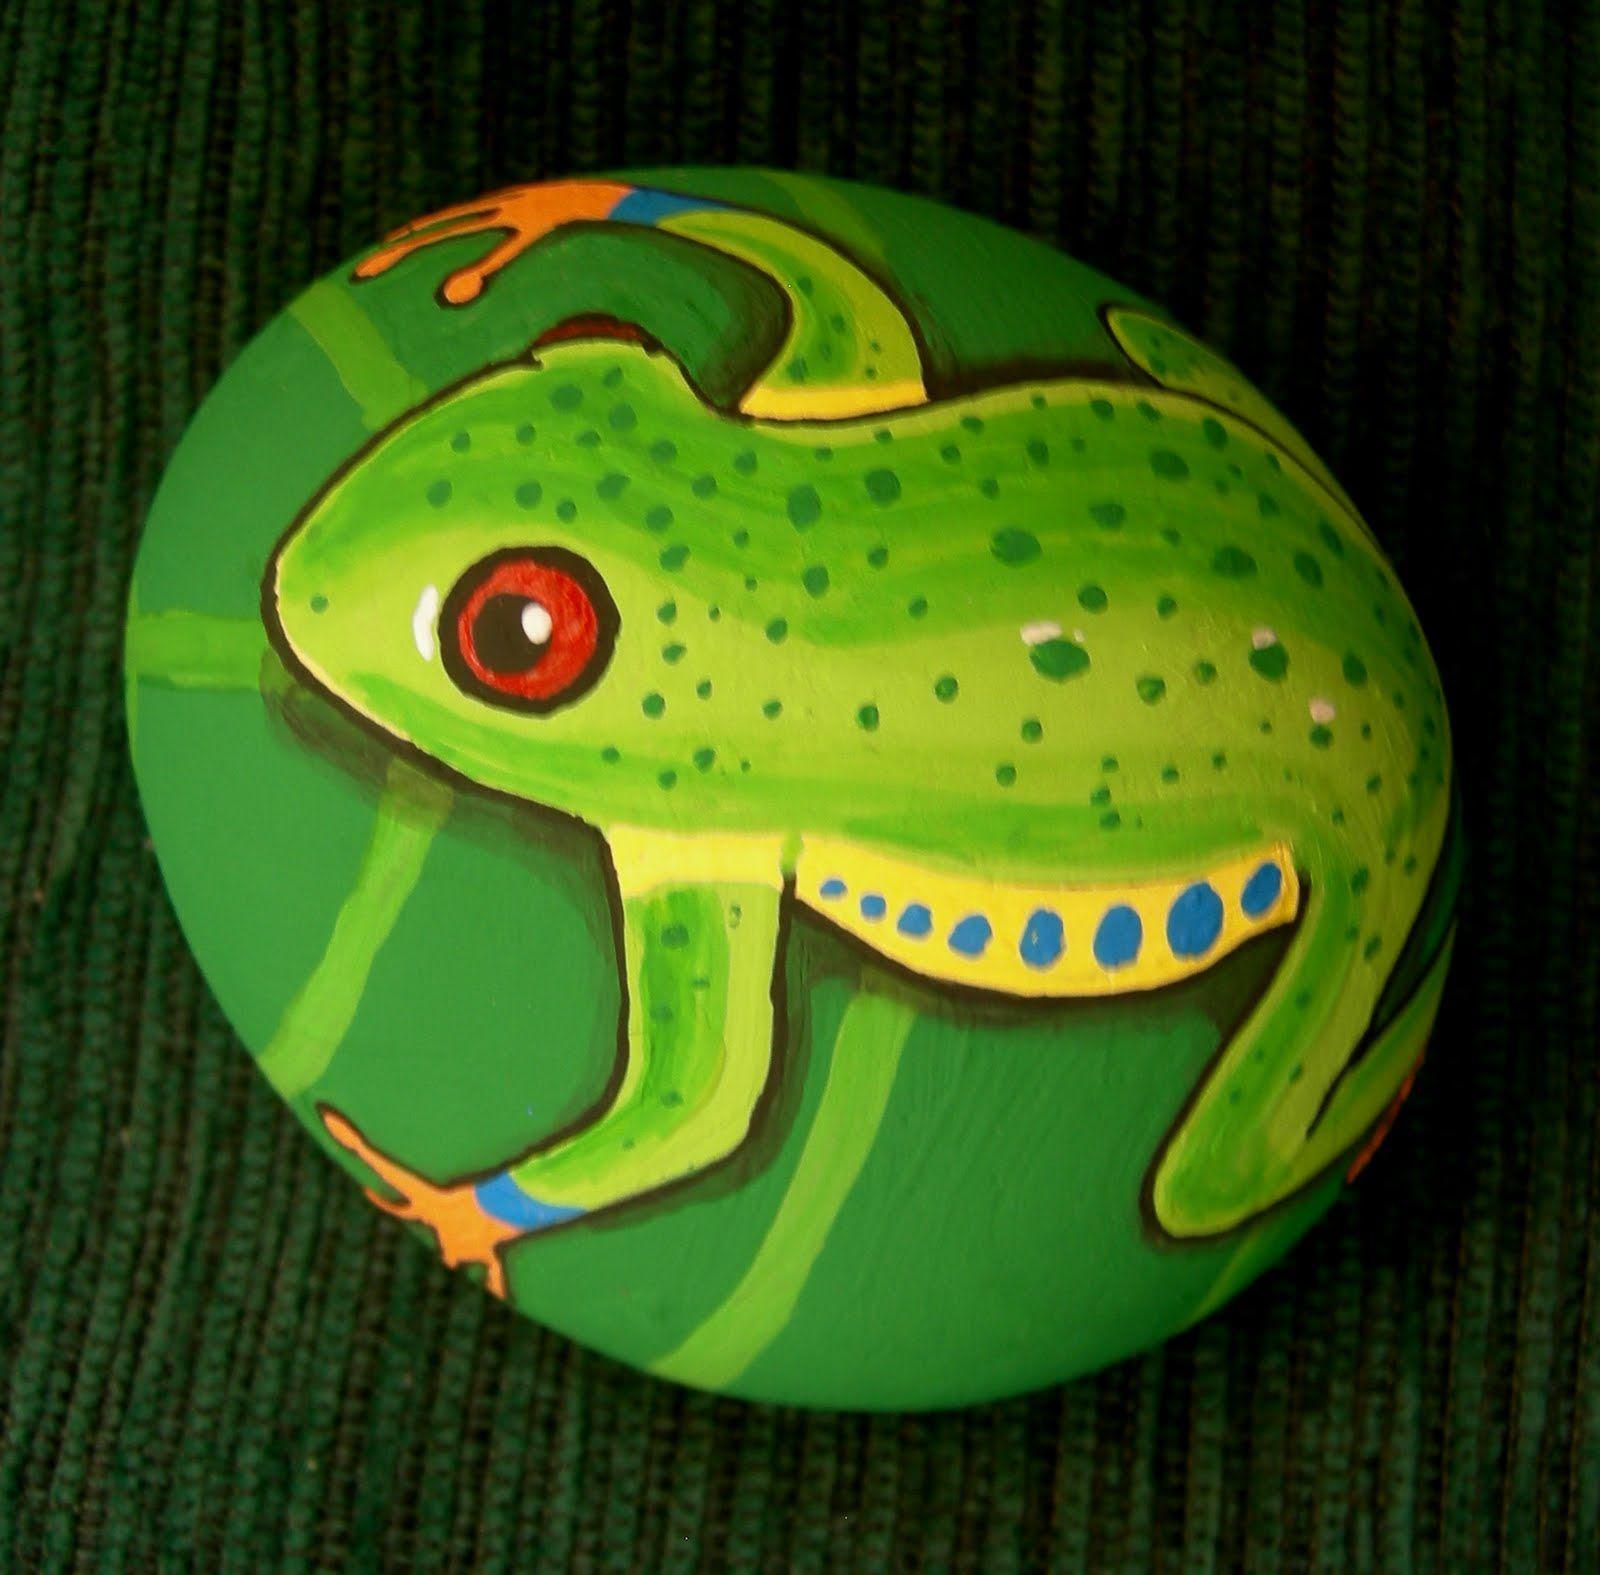 Kedibu murales y objetos decorativos piedras pintadas for Ranas decoracion jardin